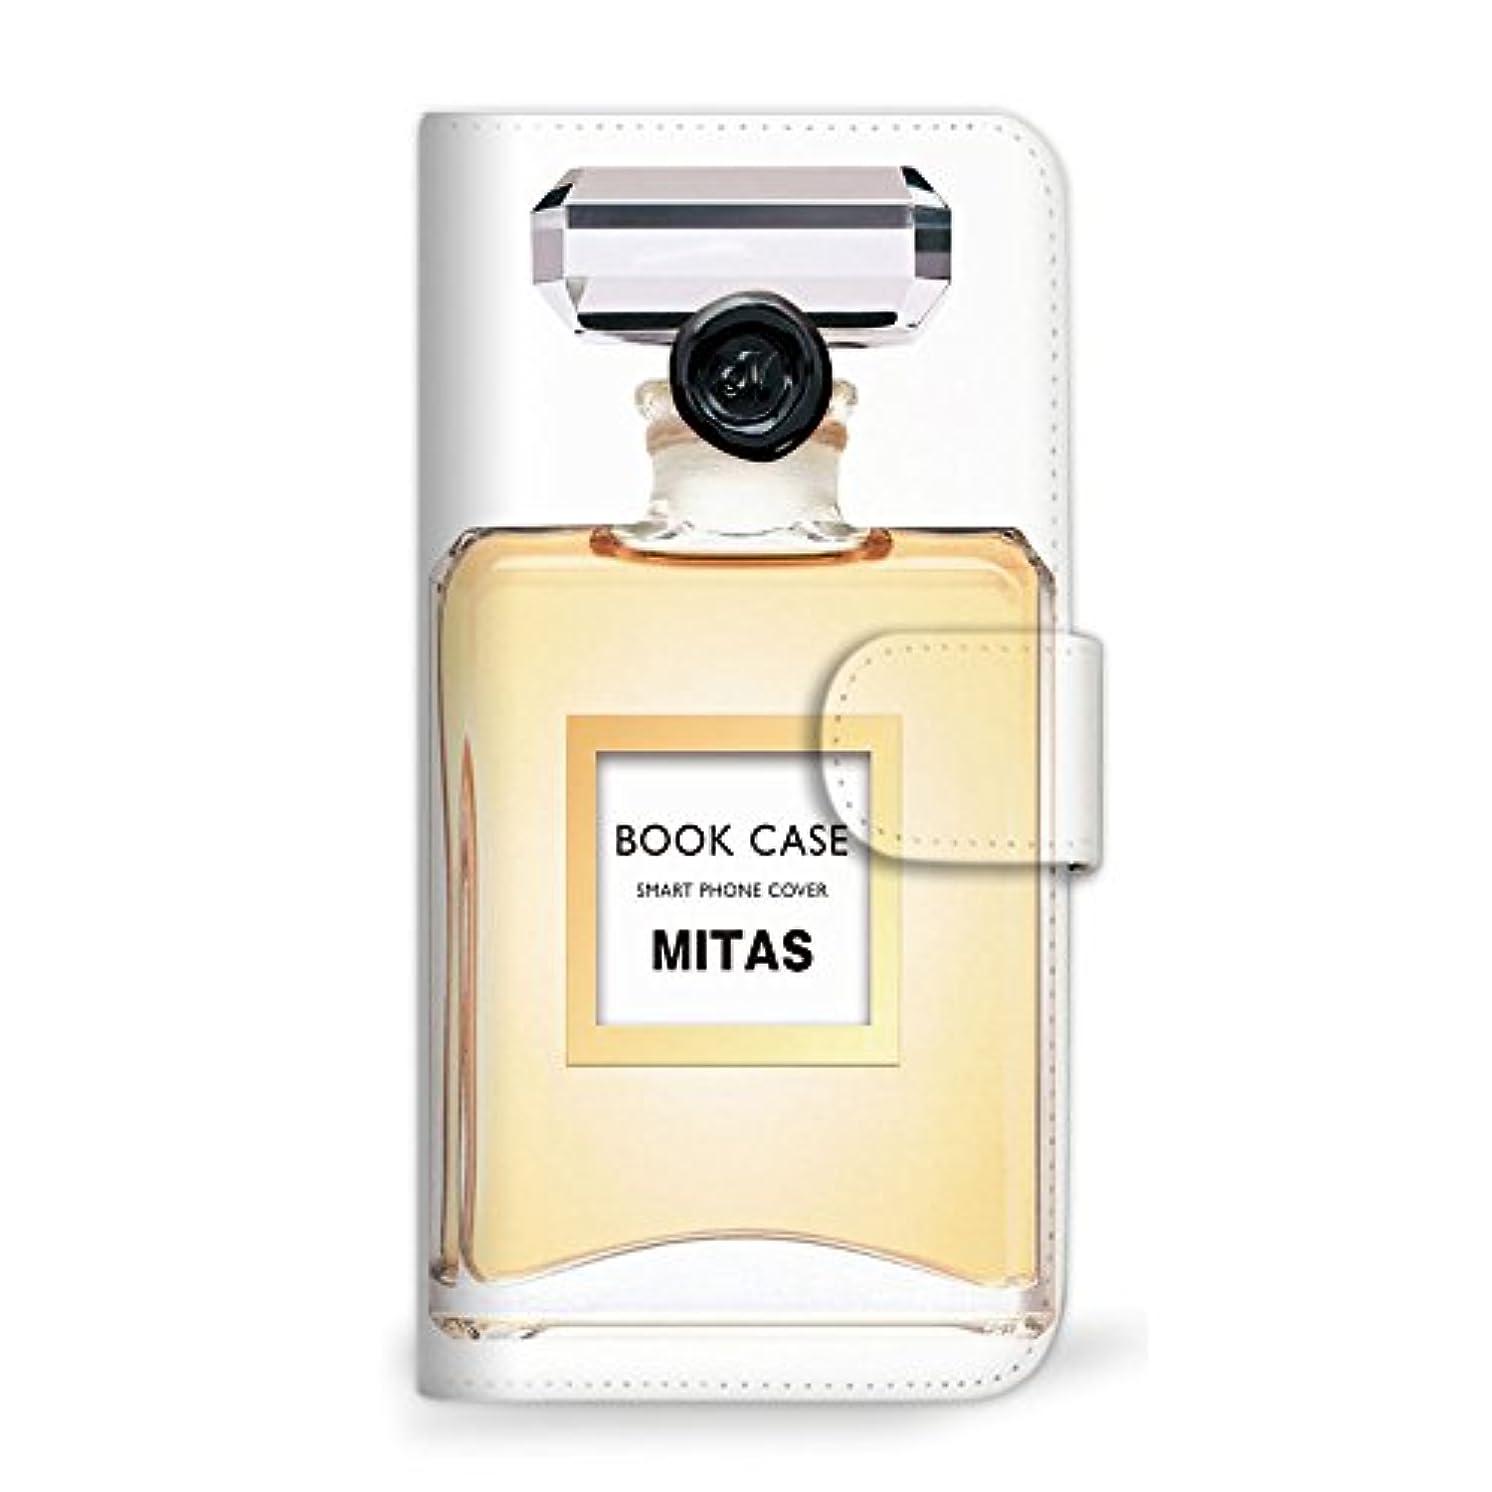 ホールランドマーク価値のないmitas Galaxy S8 Plus SC-03J ケース 手帳型  香水2 オレンジ (342) SC-0155-OR/SC-03J